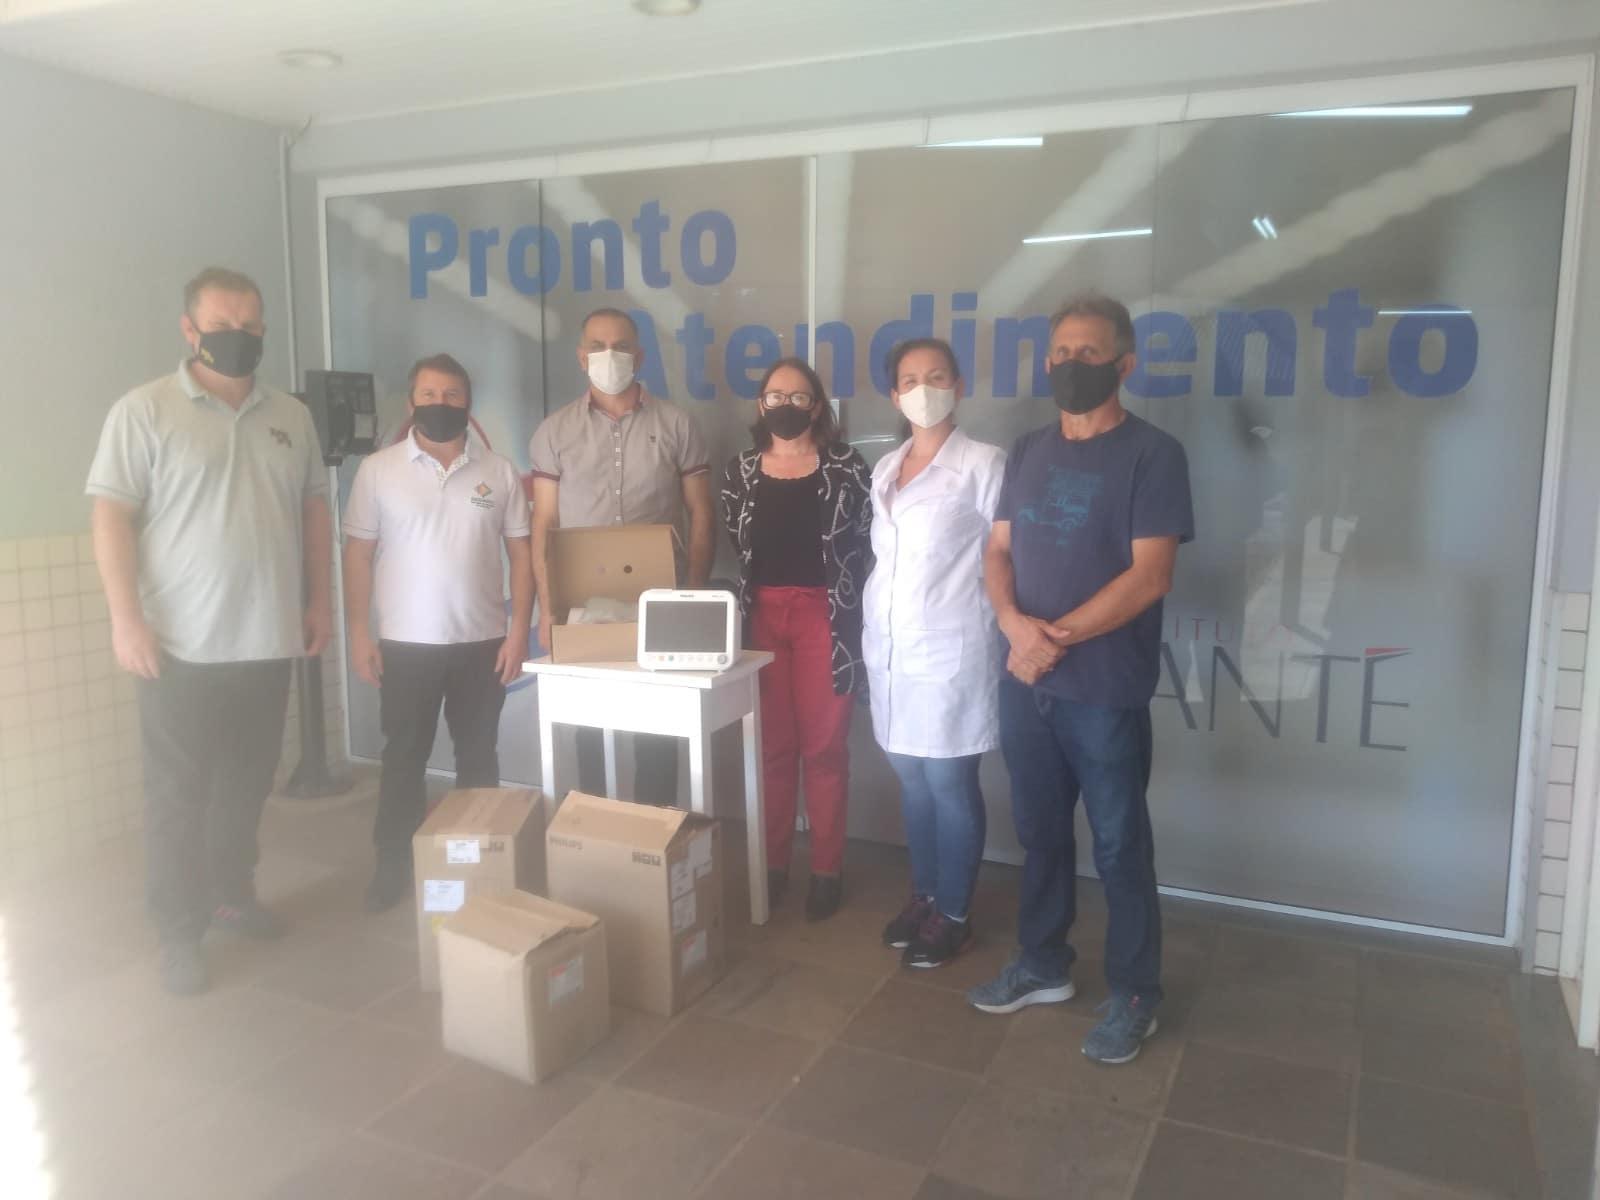 Assemit doa equipamentos ao Hospital Sagrada Família de Itapiranga